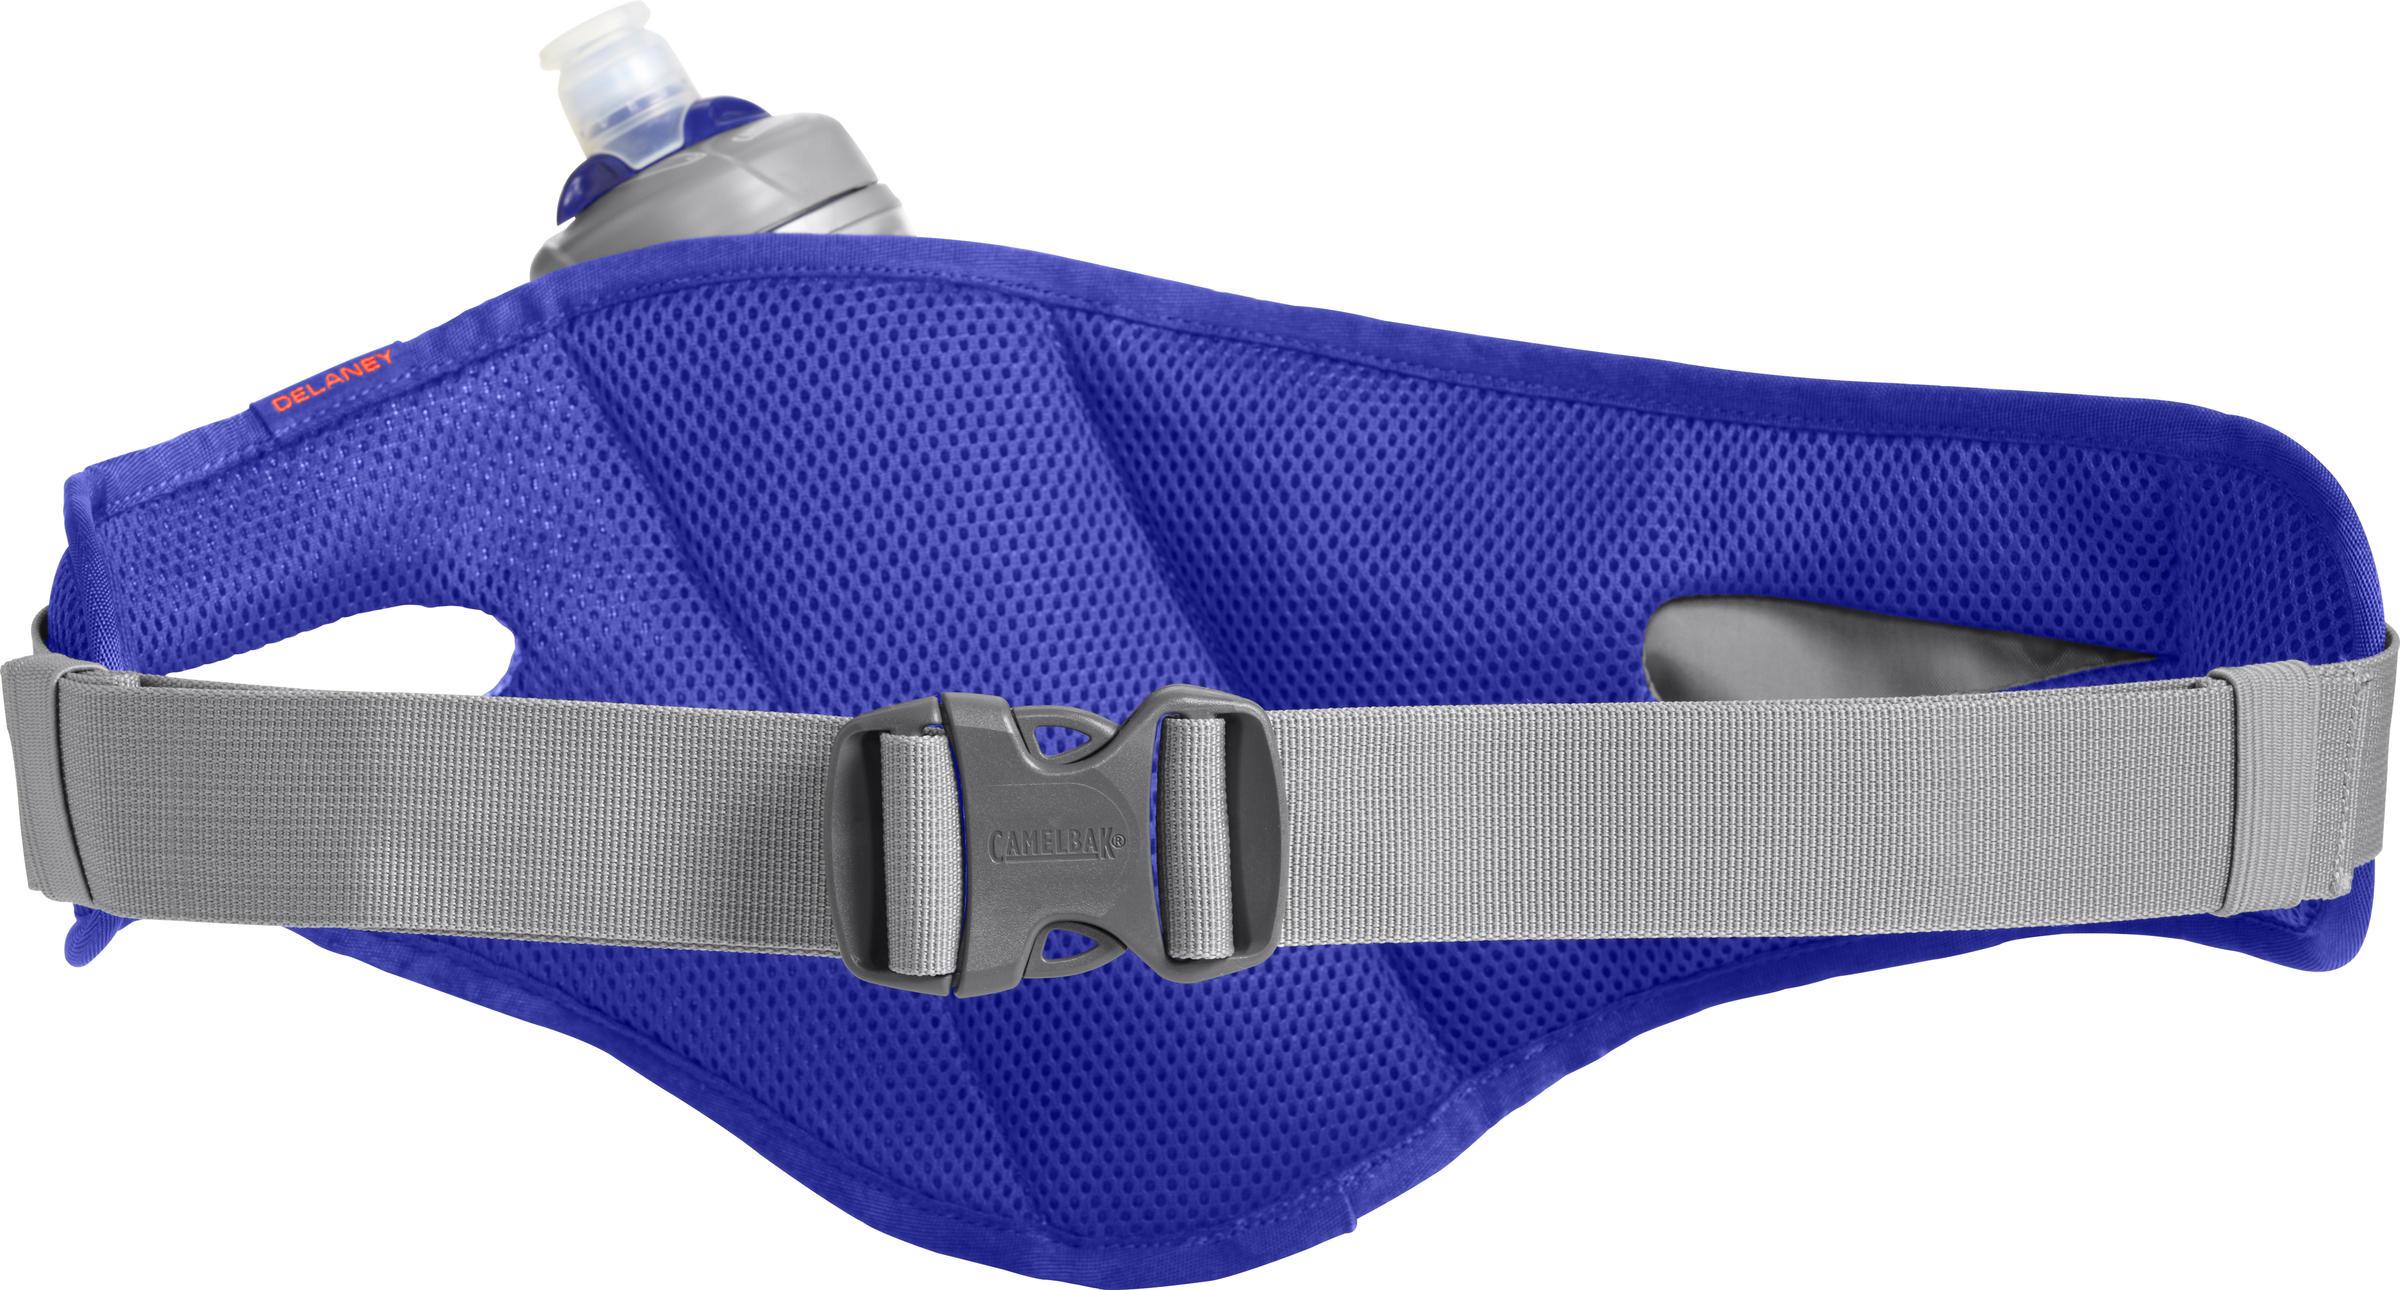 Camelbak Delaney™ 21oz TruTaste Padded Mesh Ultralight Hydration Belt